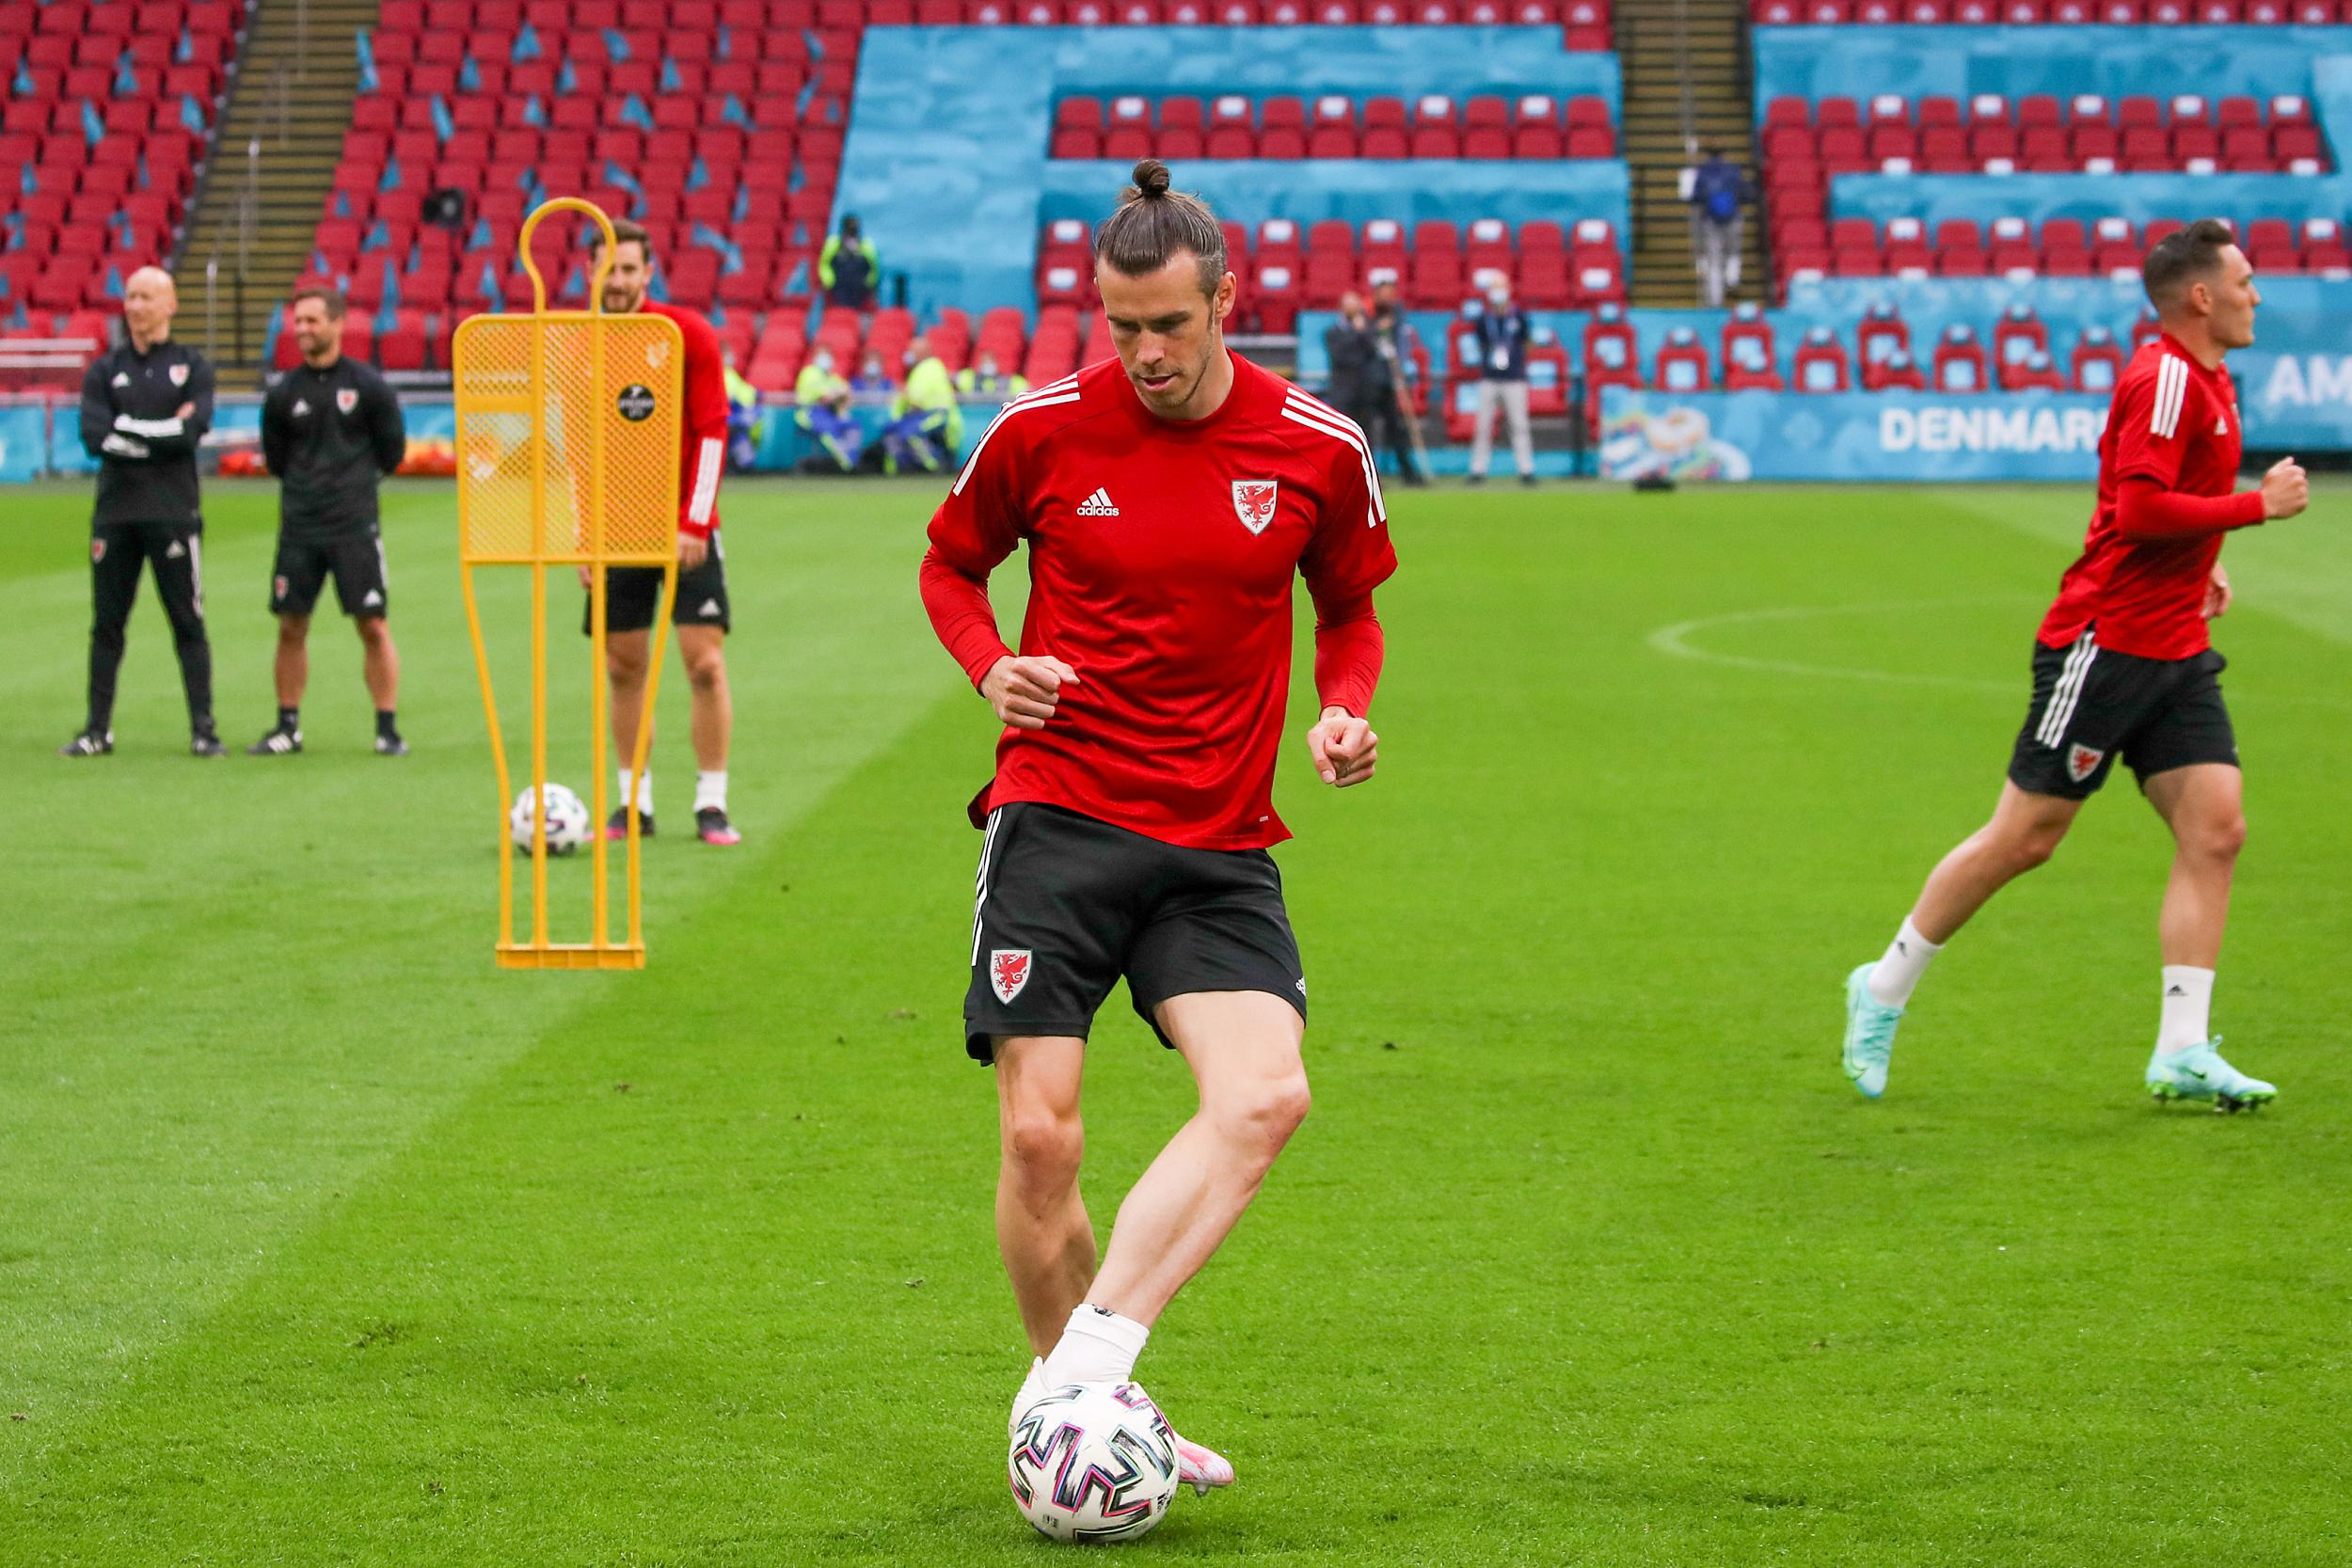 威尔士核心贝尔在赛前训练中。